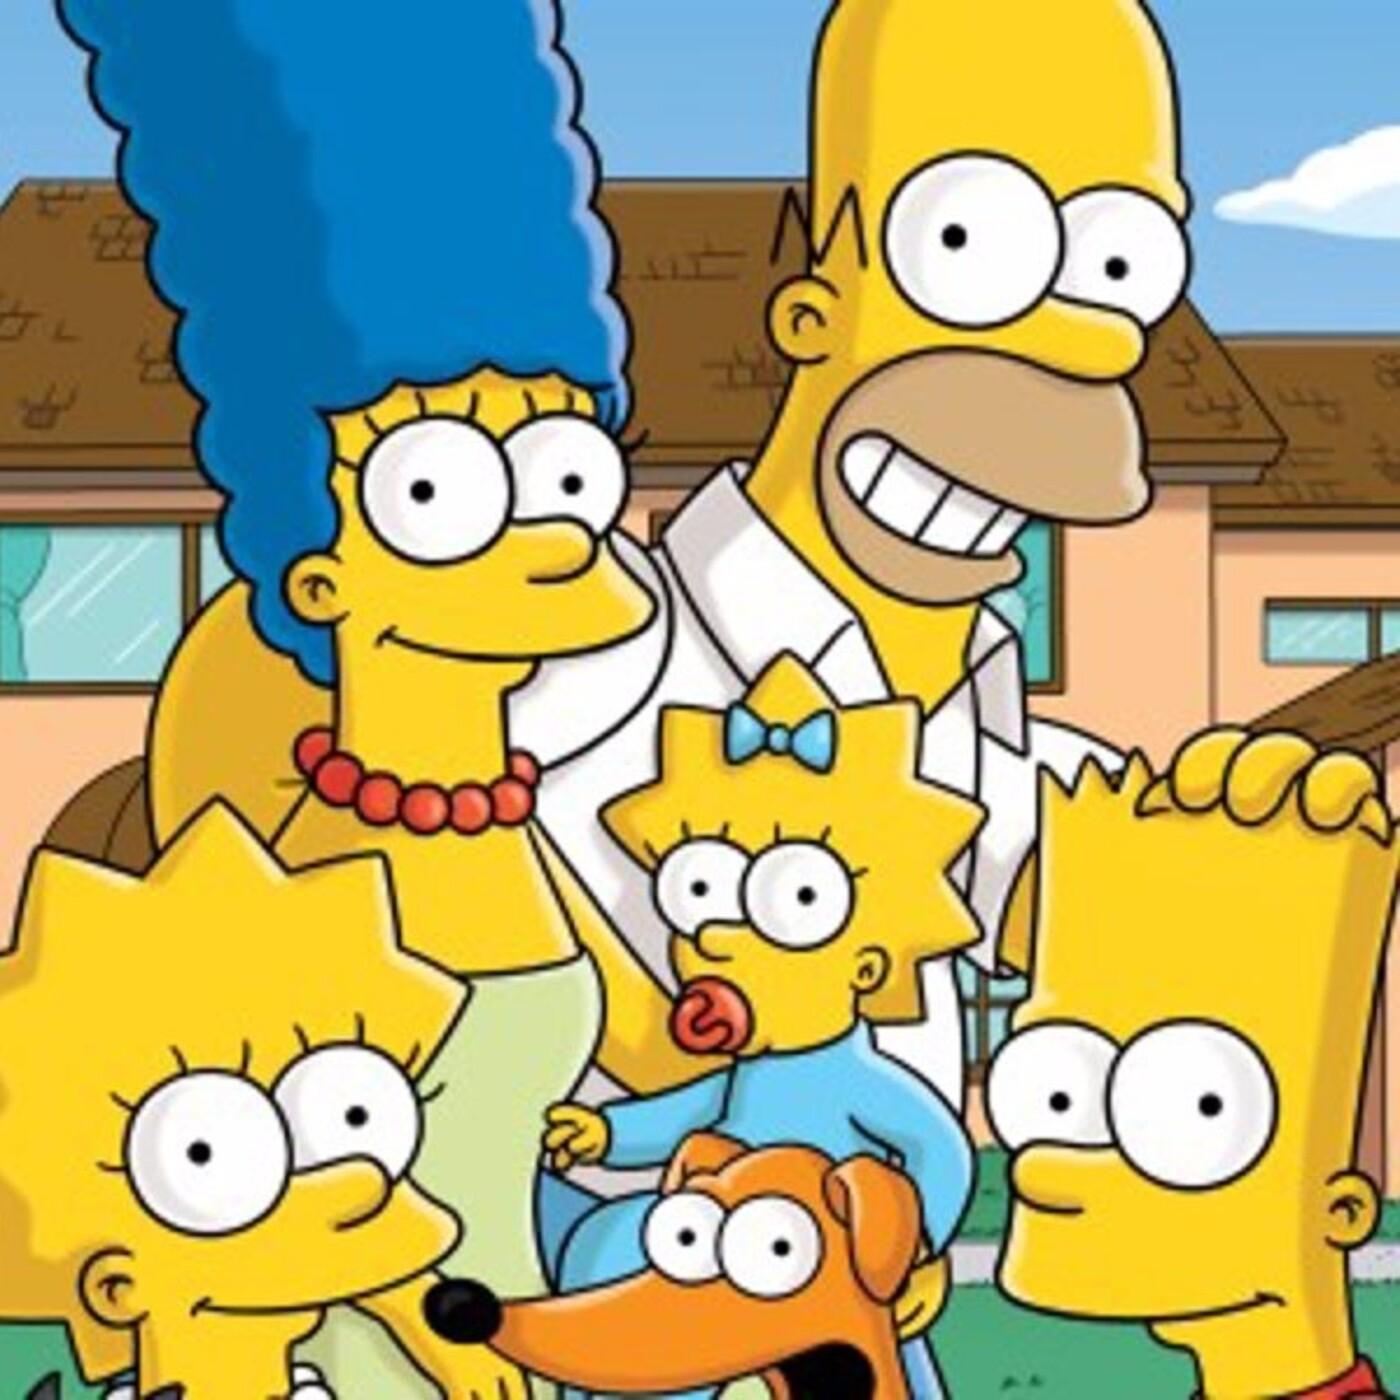 Los Simpson T 22 ep. 4, 5, 6 (2010) #Animación #Comedia #Familia #peliculas #audesc #podcast